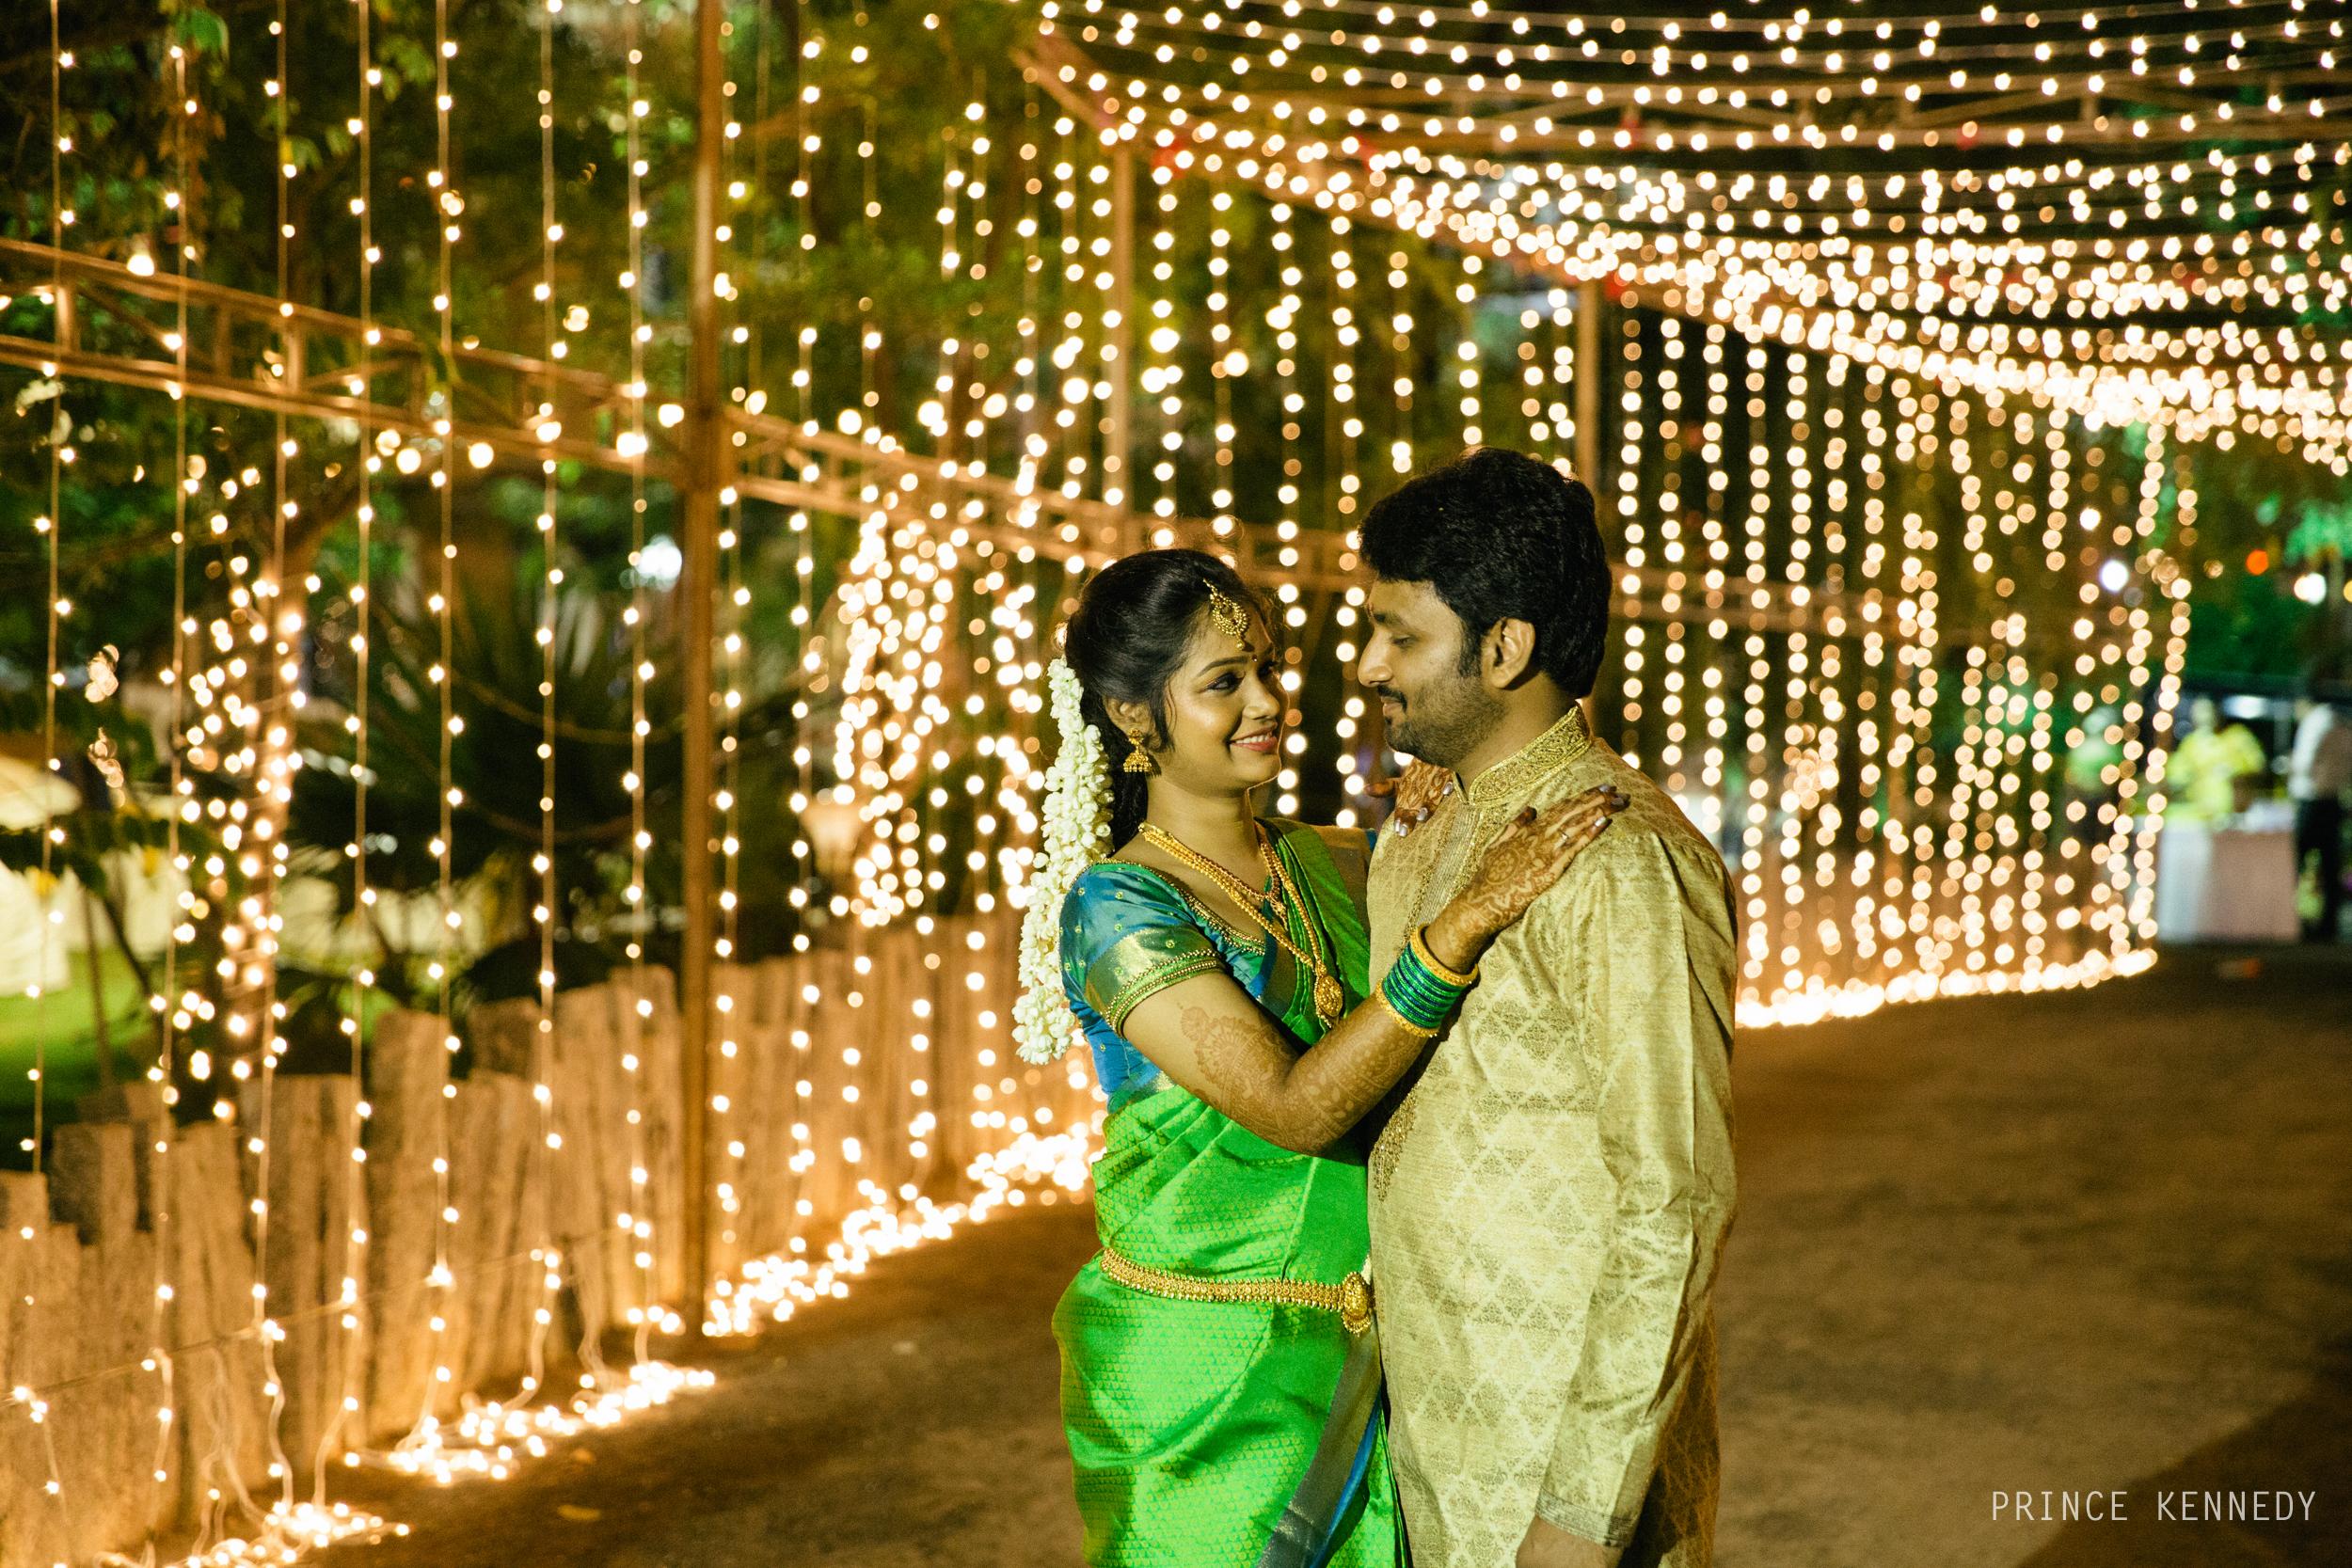 Engagement-Couple-Portrait-Portraiture-Wedding-Couple-Portrait-Chennai-Photographer-Candid-Photography-Destination-Best-Prince-Kennedy-Photography-301.jpg